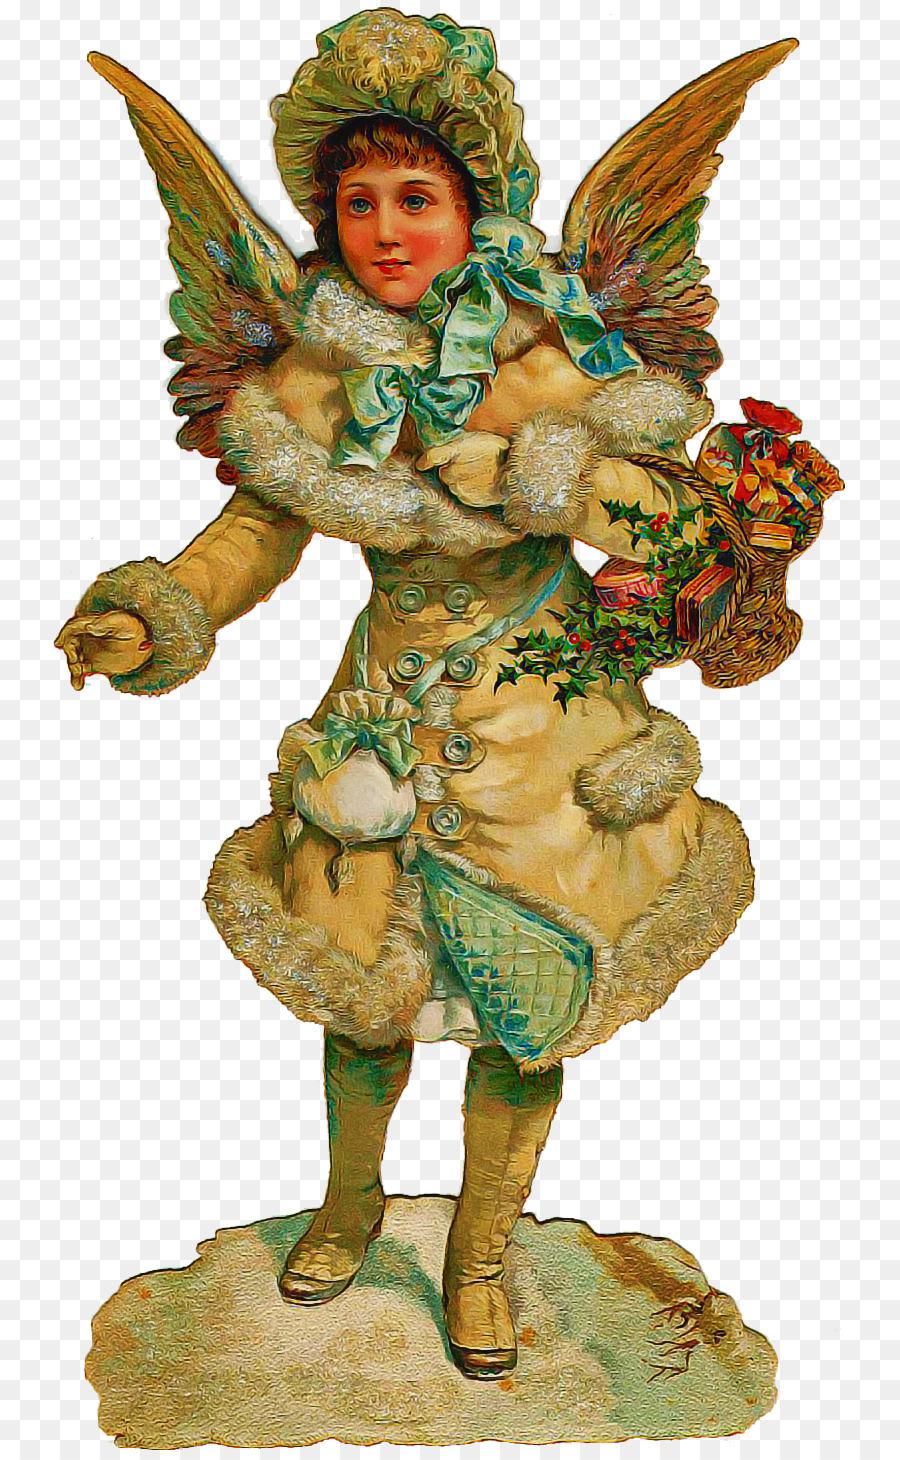 Descarga gratuita de La Mitología, Estatua, Juguete Imágen de Png